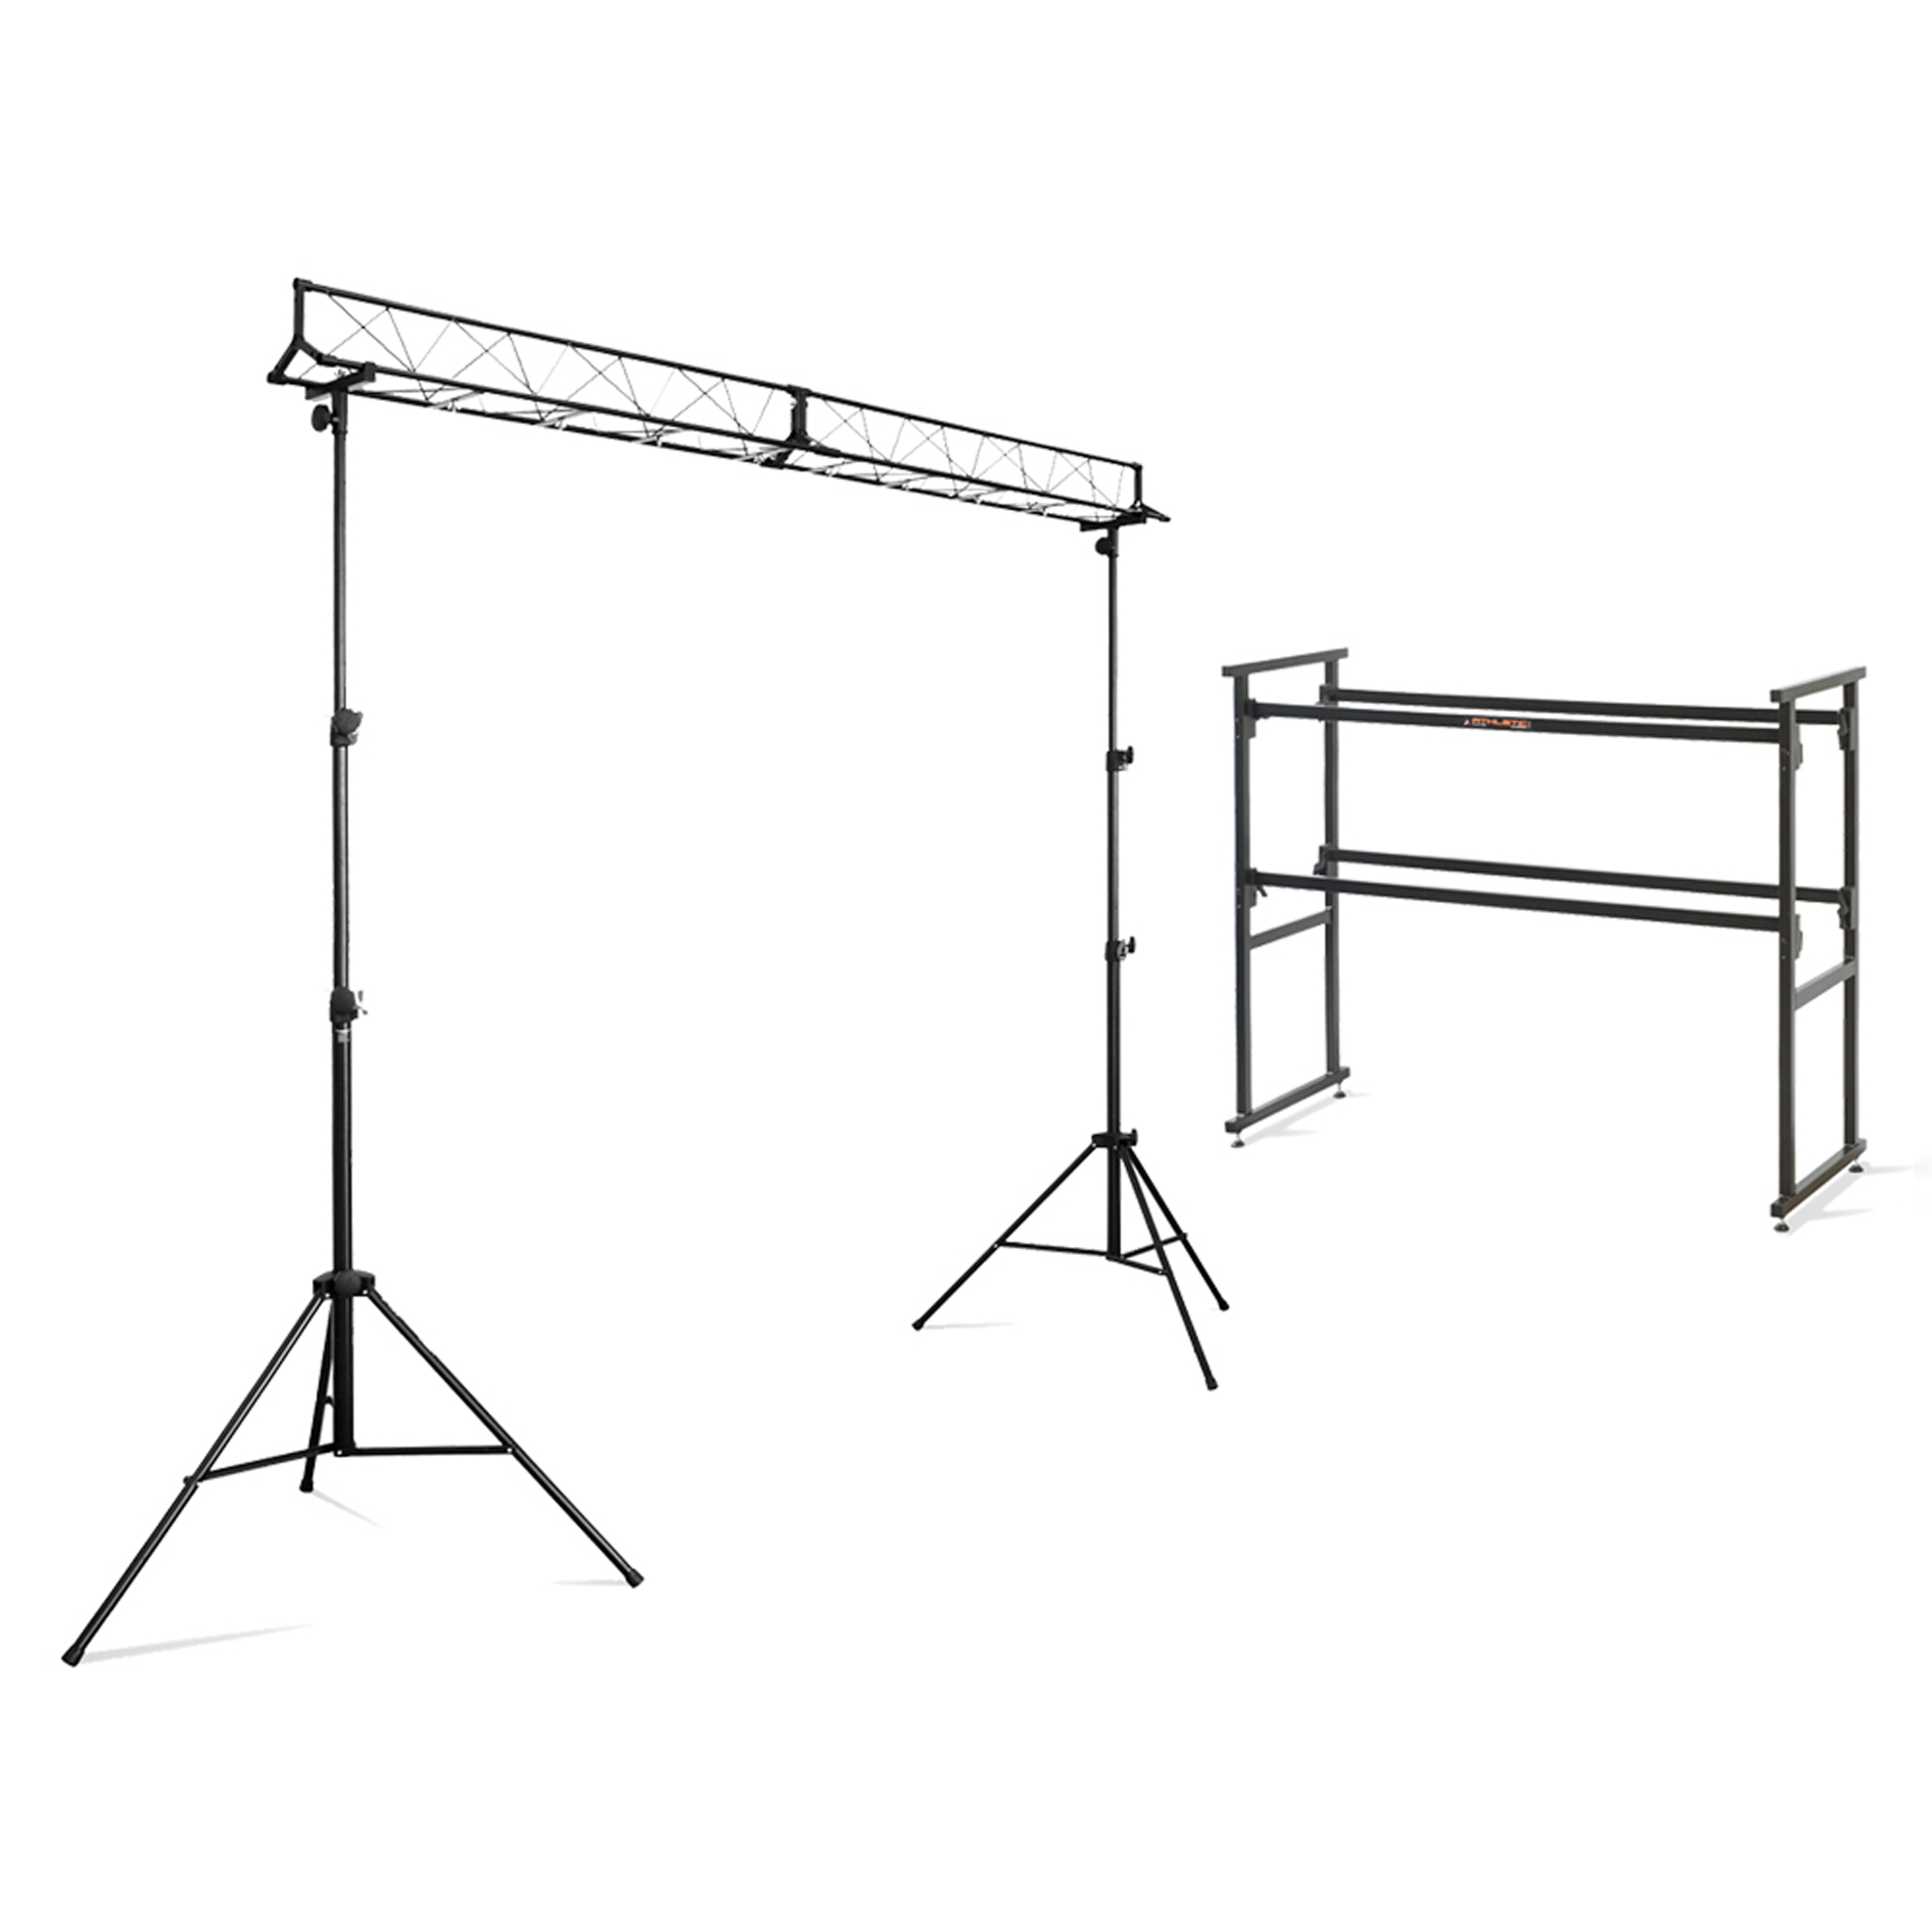 Ekho 4ft Mobile Dj Deck Stand Lighting Trussing Kit